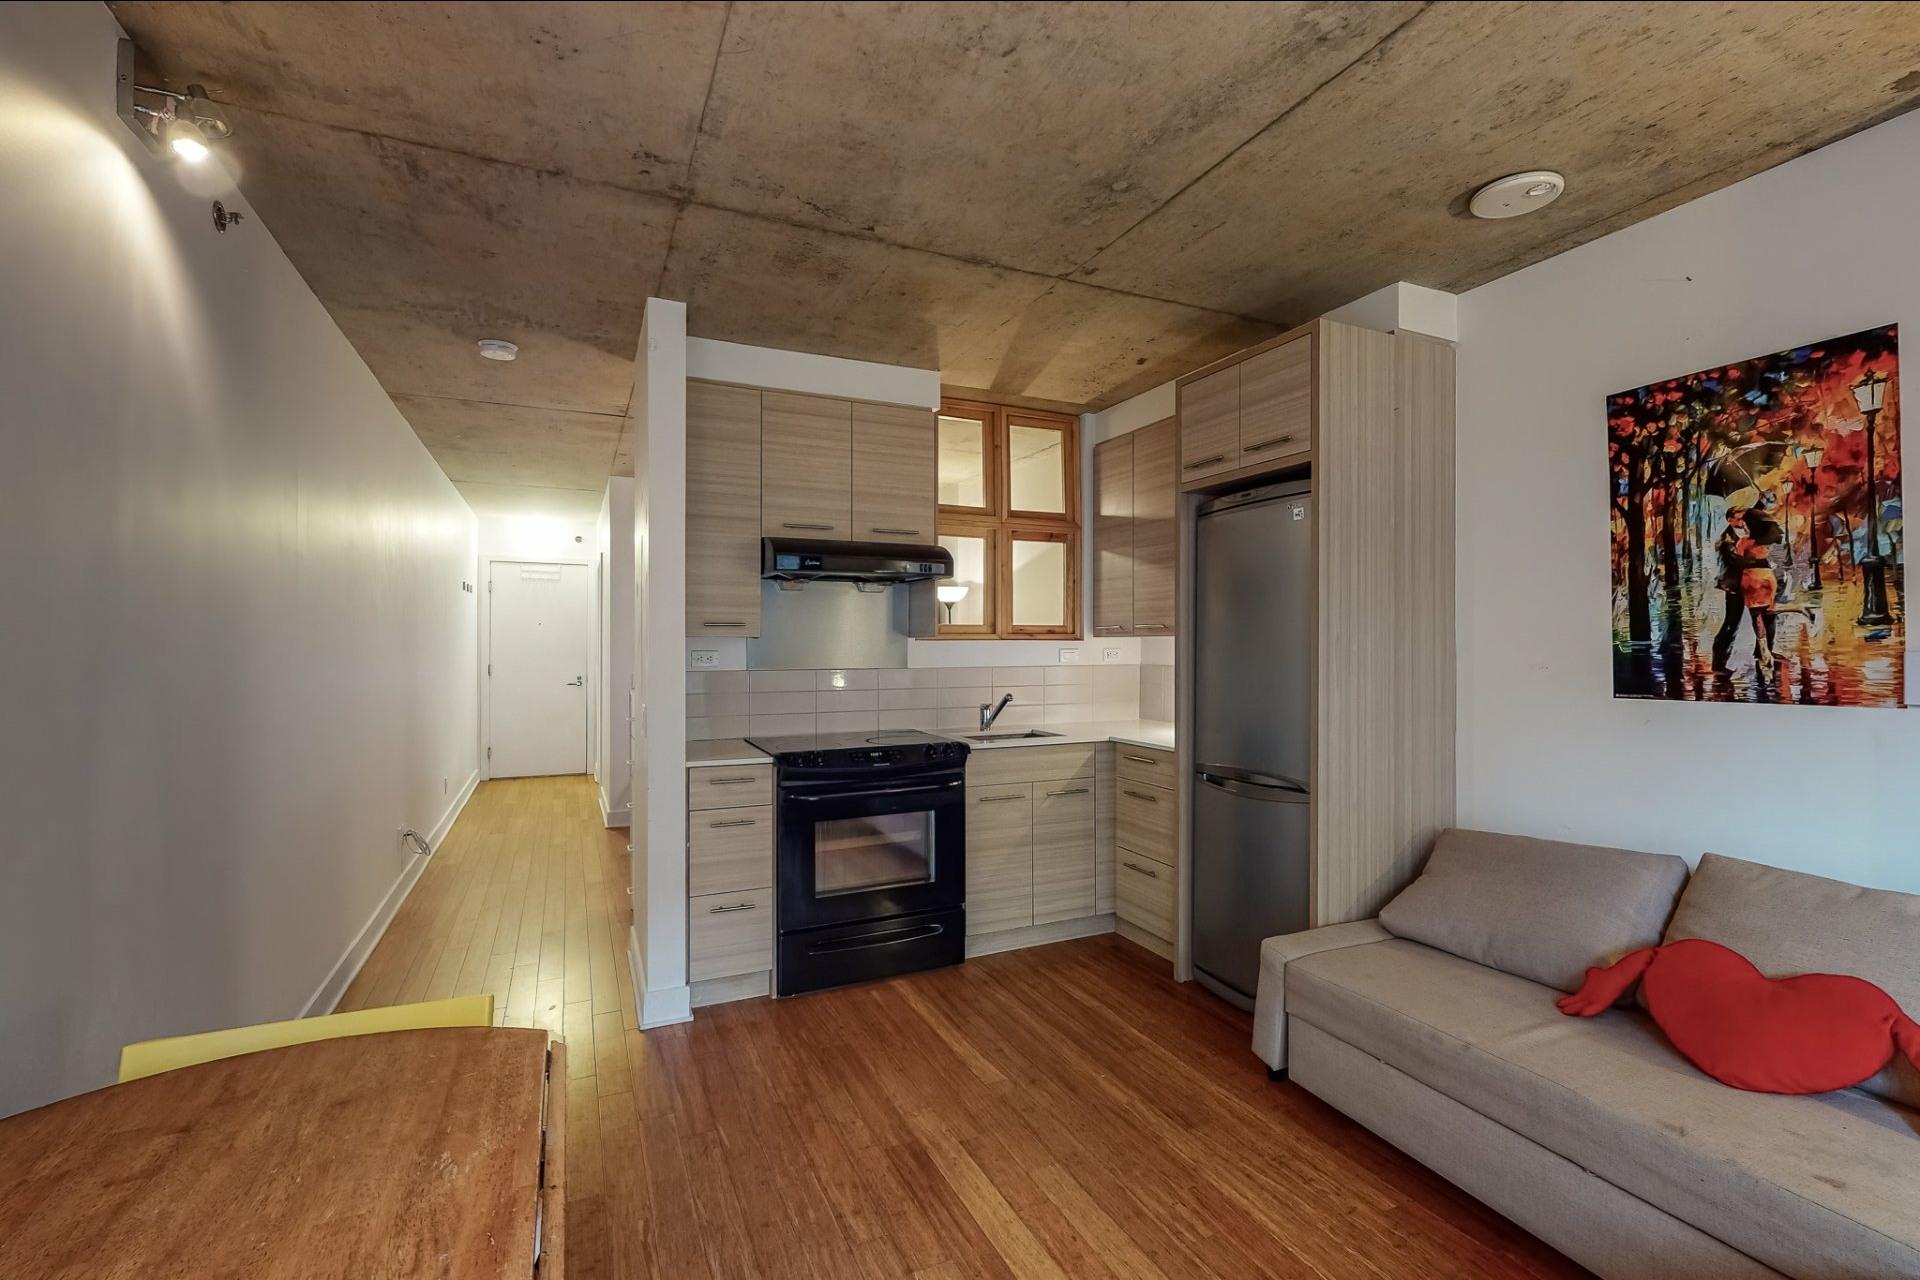 image 8 - Appartement À vendre Ville-Marie Montréal  - 2 pièces